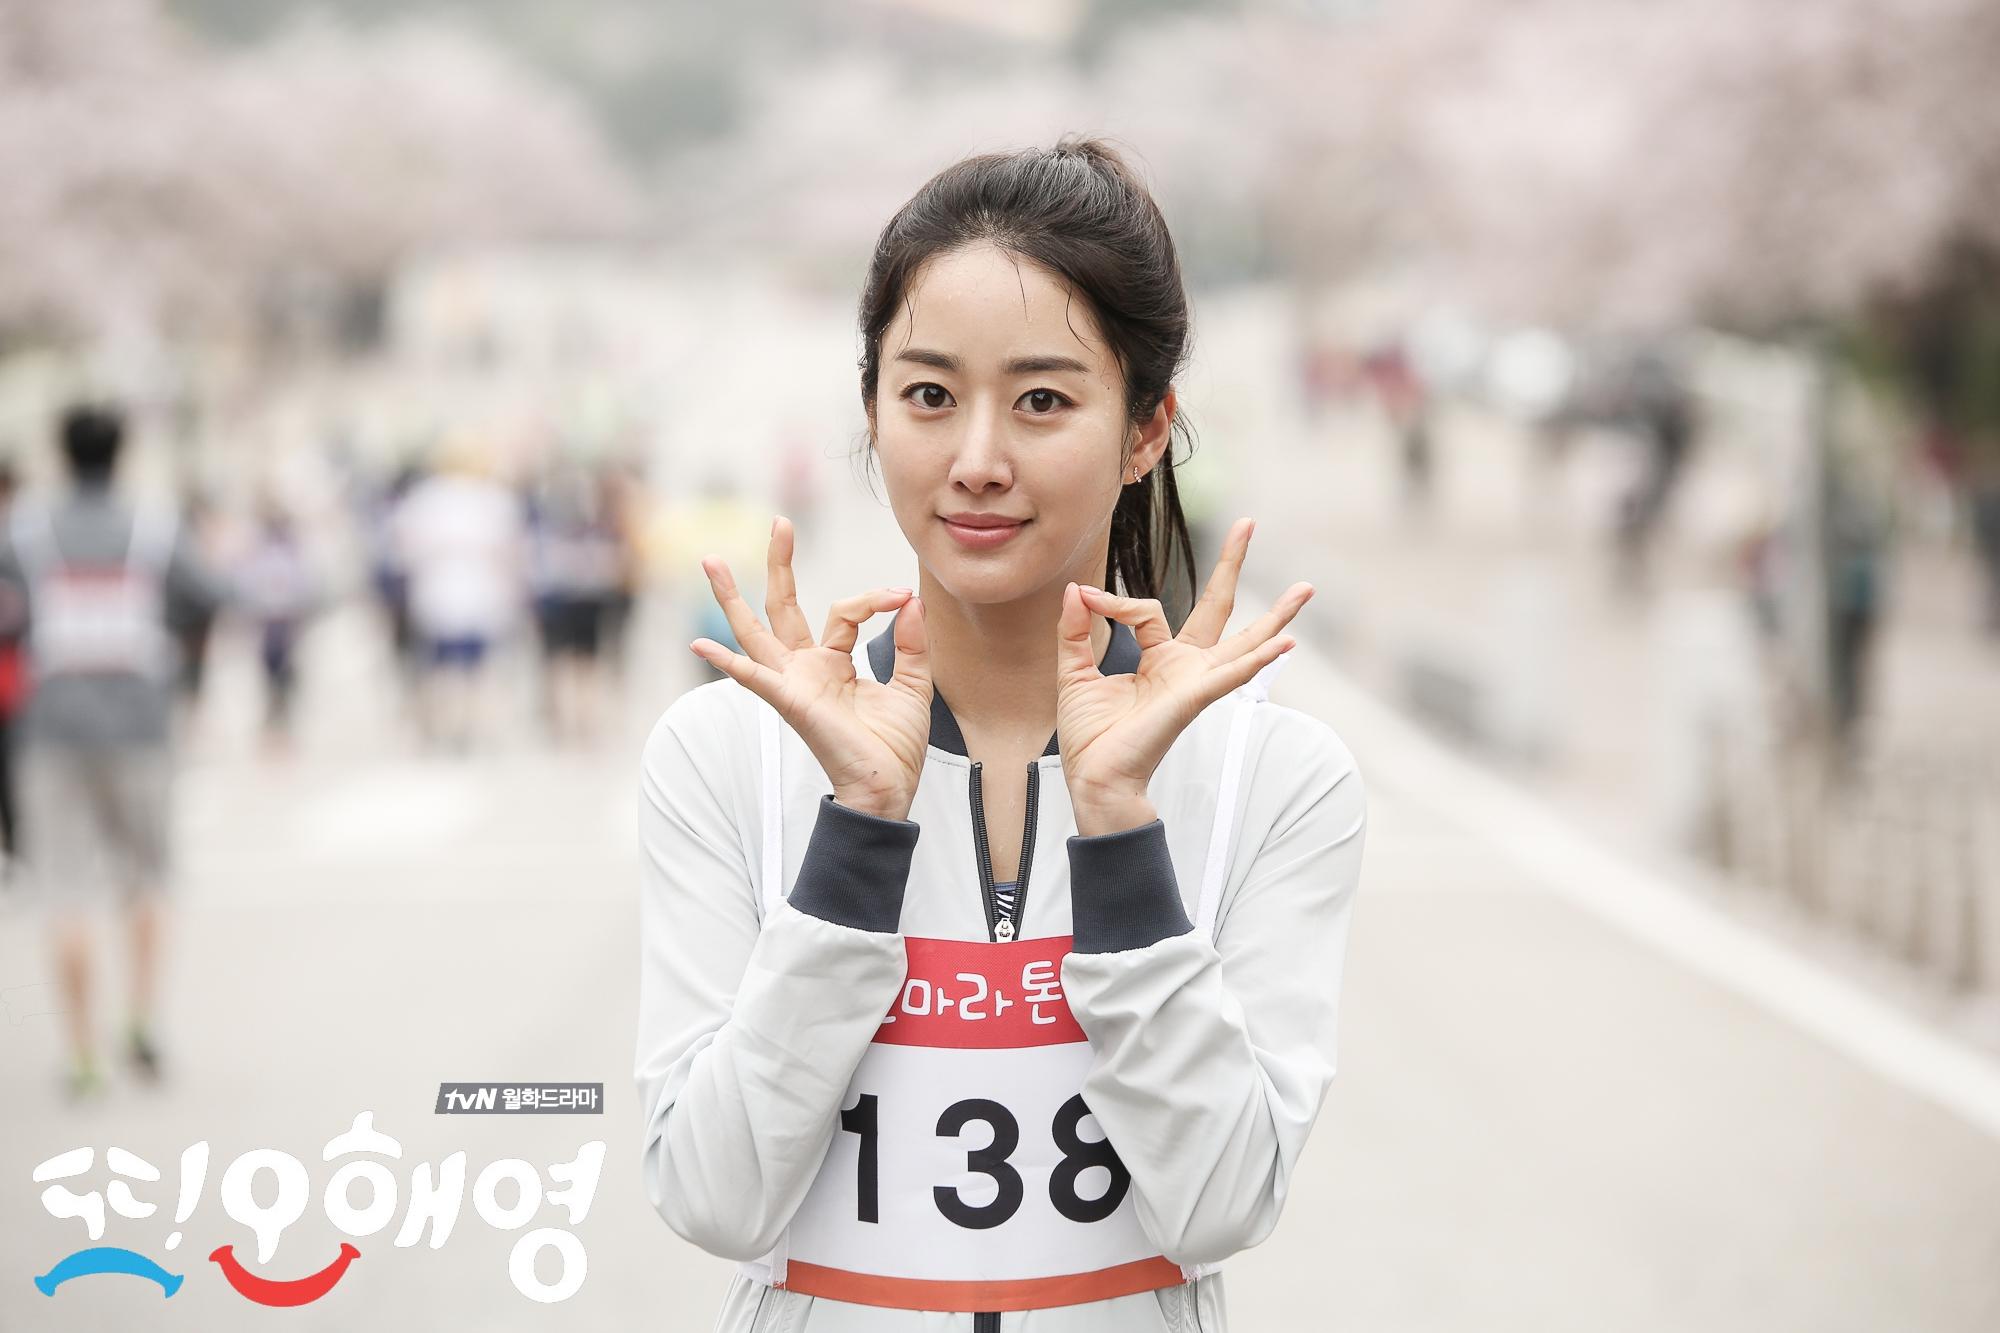 [韓劇] Another Oh Hae-young (또! 오해영) (2016) G2PNY7O7IIY4845MH551